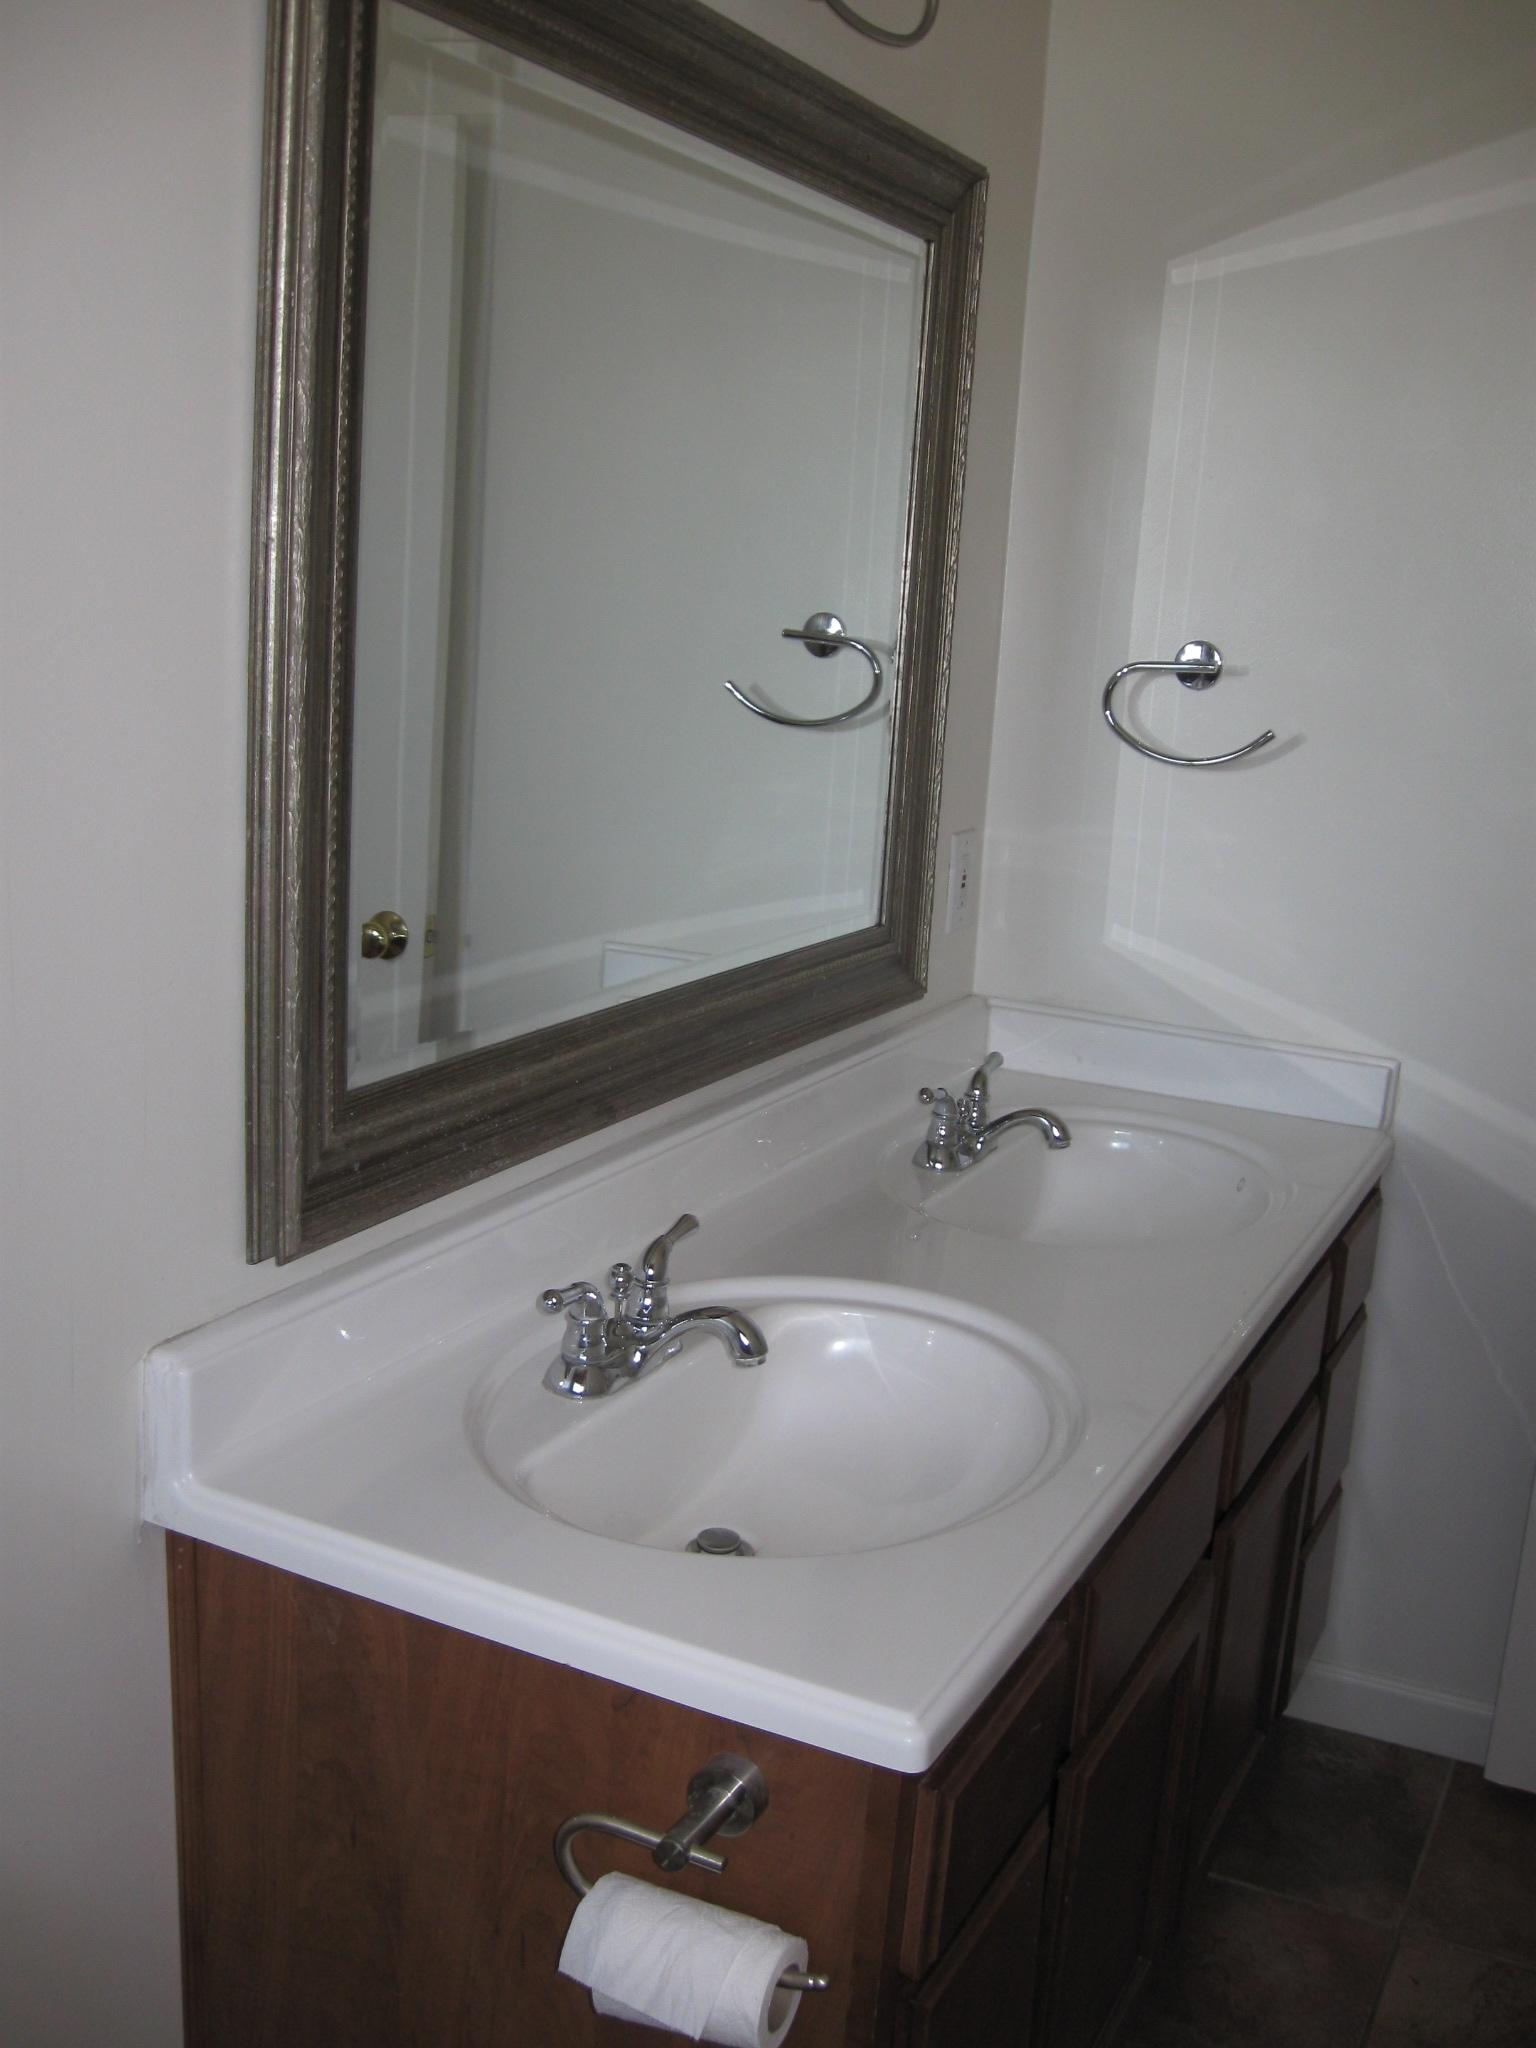 https://0201.nccdn.net/4_2/000/000/050/773/08.17.10-bath-vanity.JPG